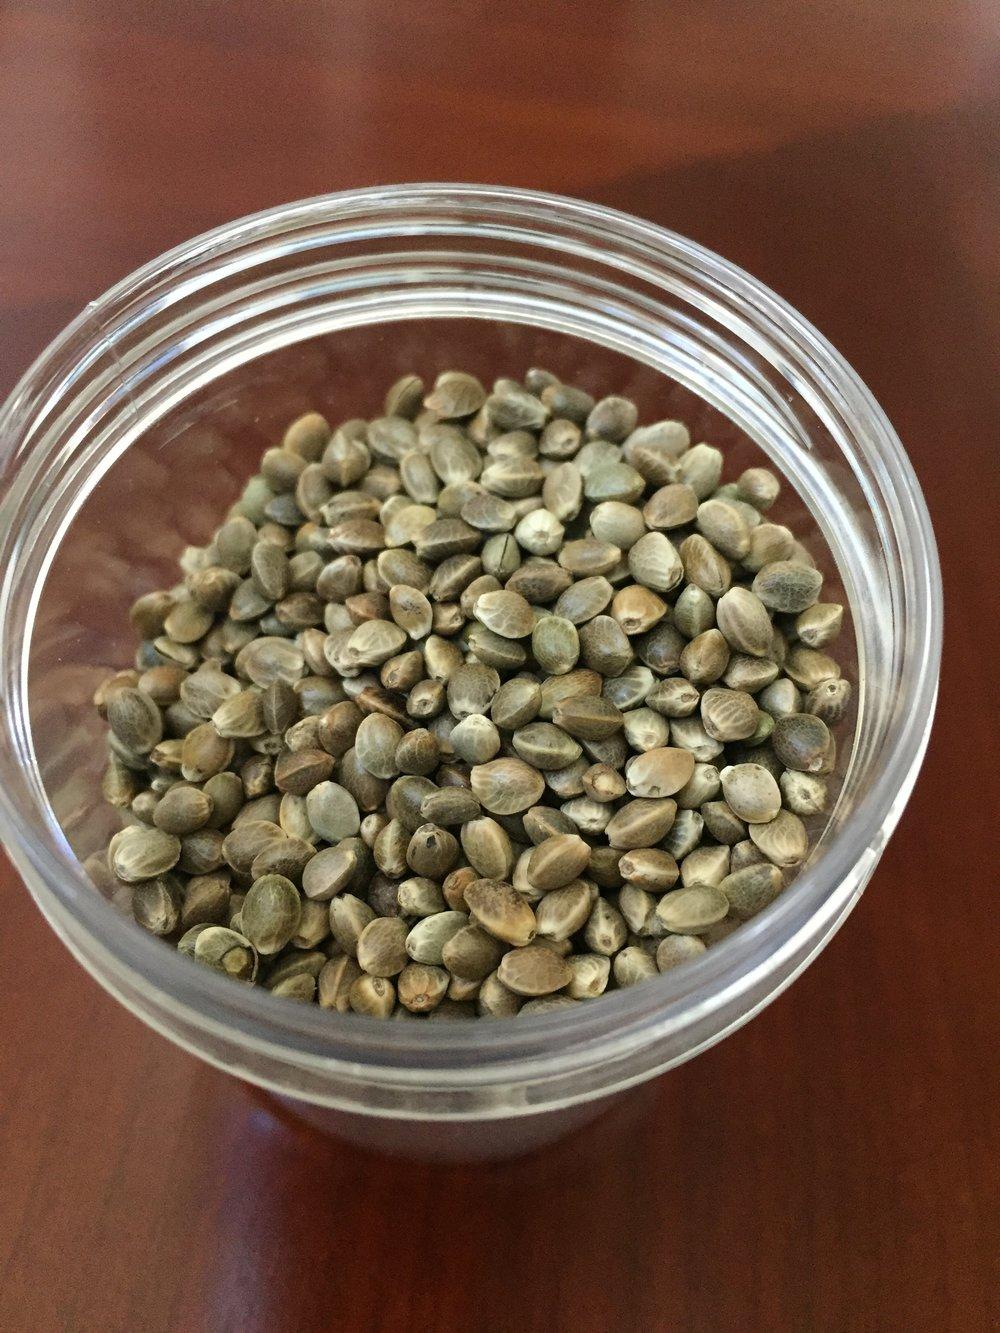 Cannabis & Hemp Seeds Available